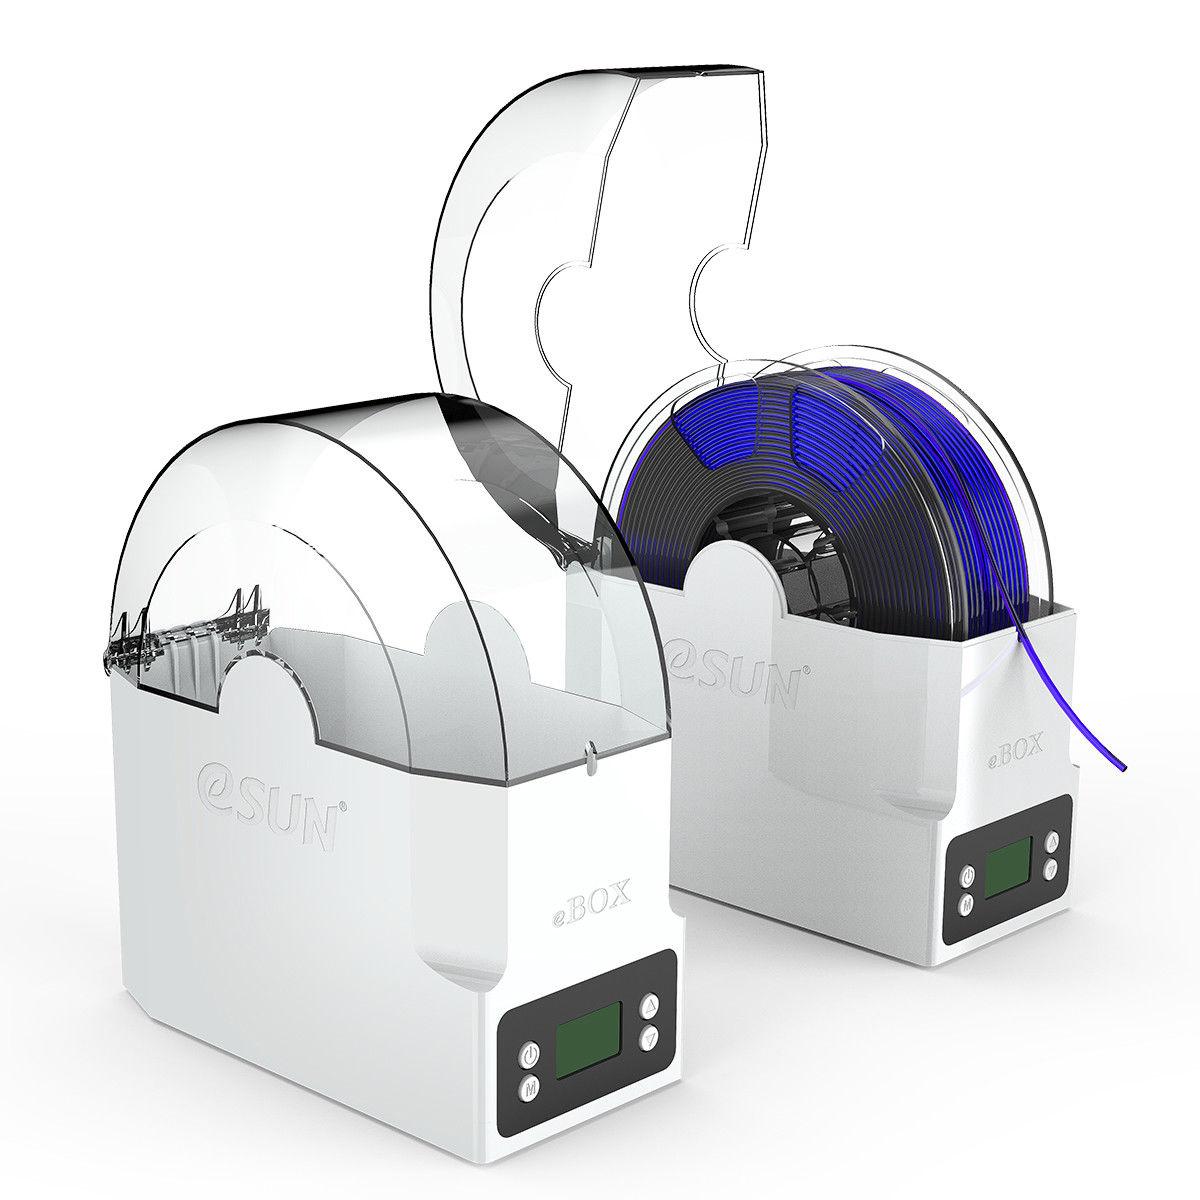 Boîte de Filament d'impression 3D eSUN eBOX, déshydrater garder le Filament au sec et mesurer le poids, boîte de stockage de Filament - 4